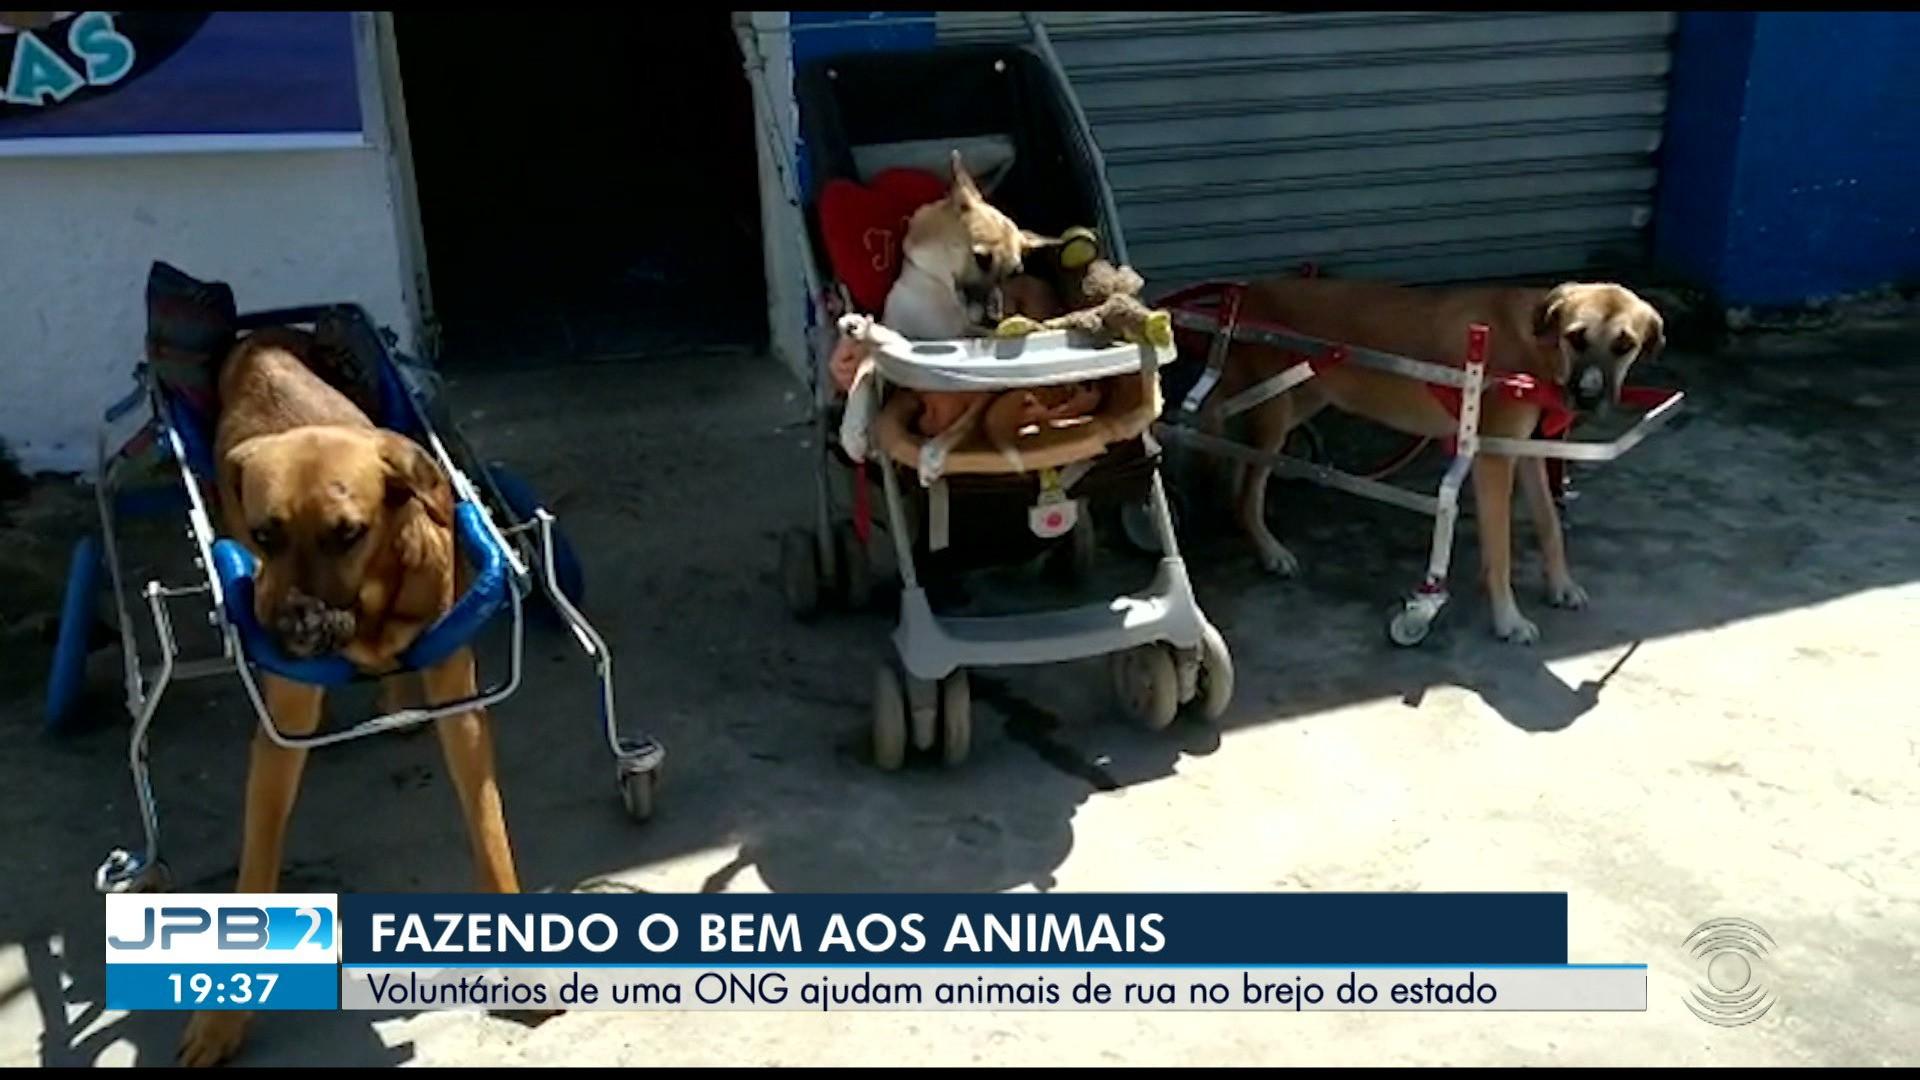 VÍDEOS: JPB2 (TV Paraíba) desta sexta-feira, 14 de agosto